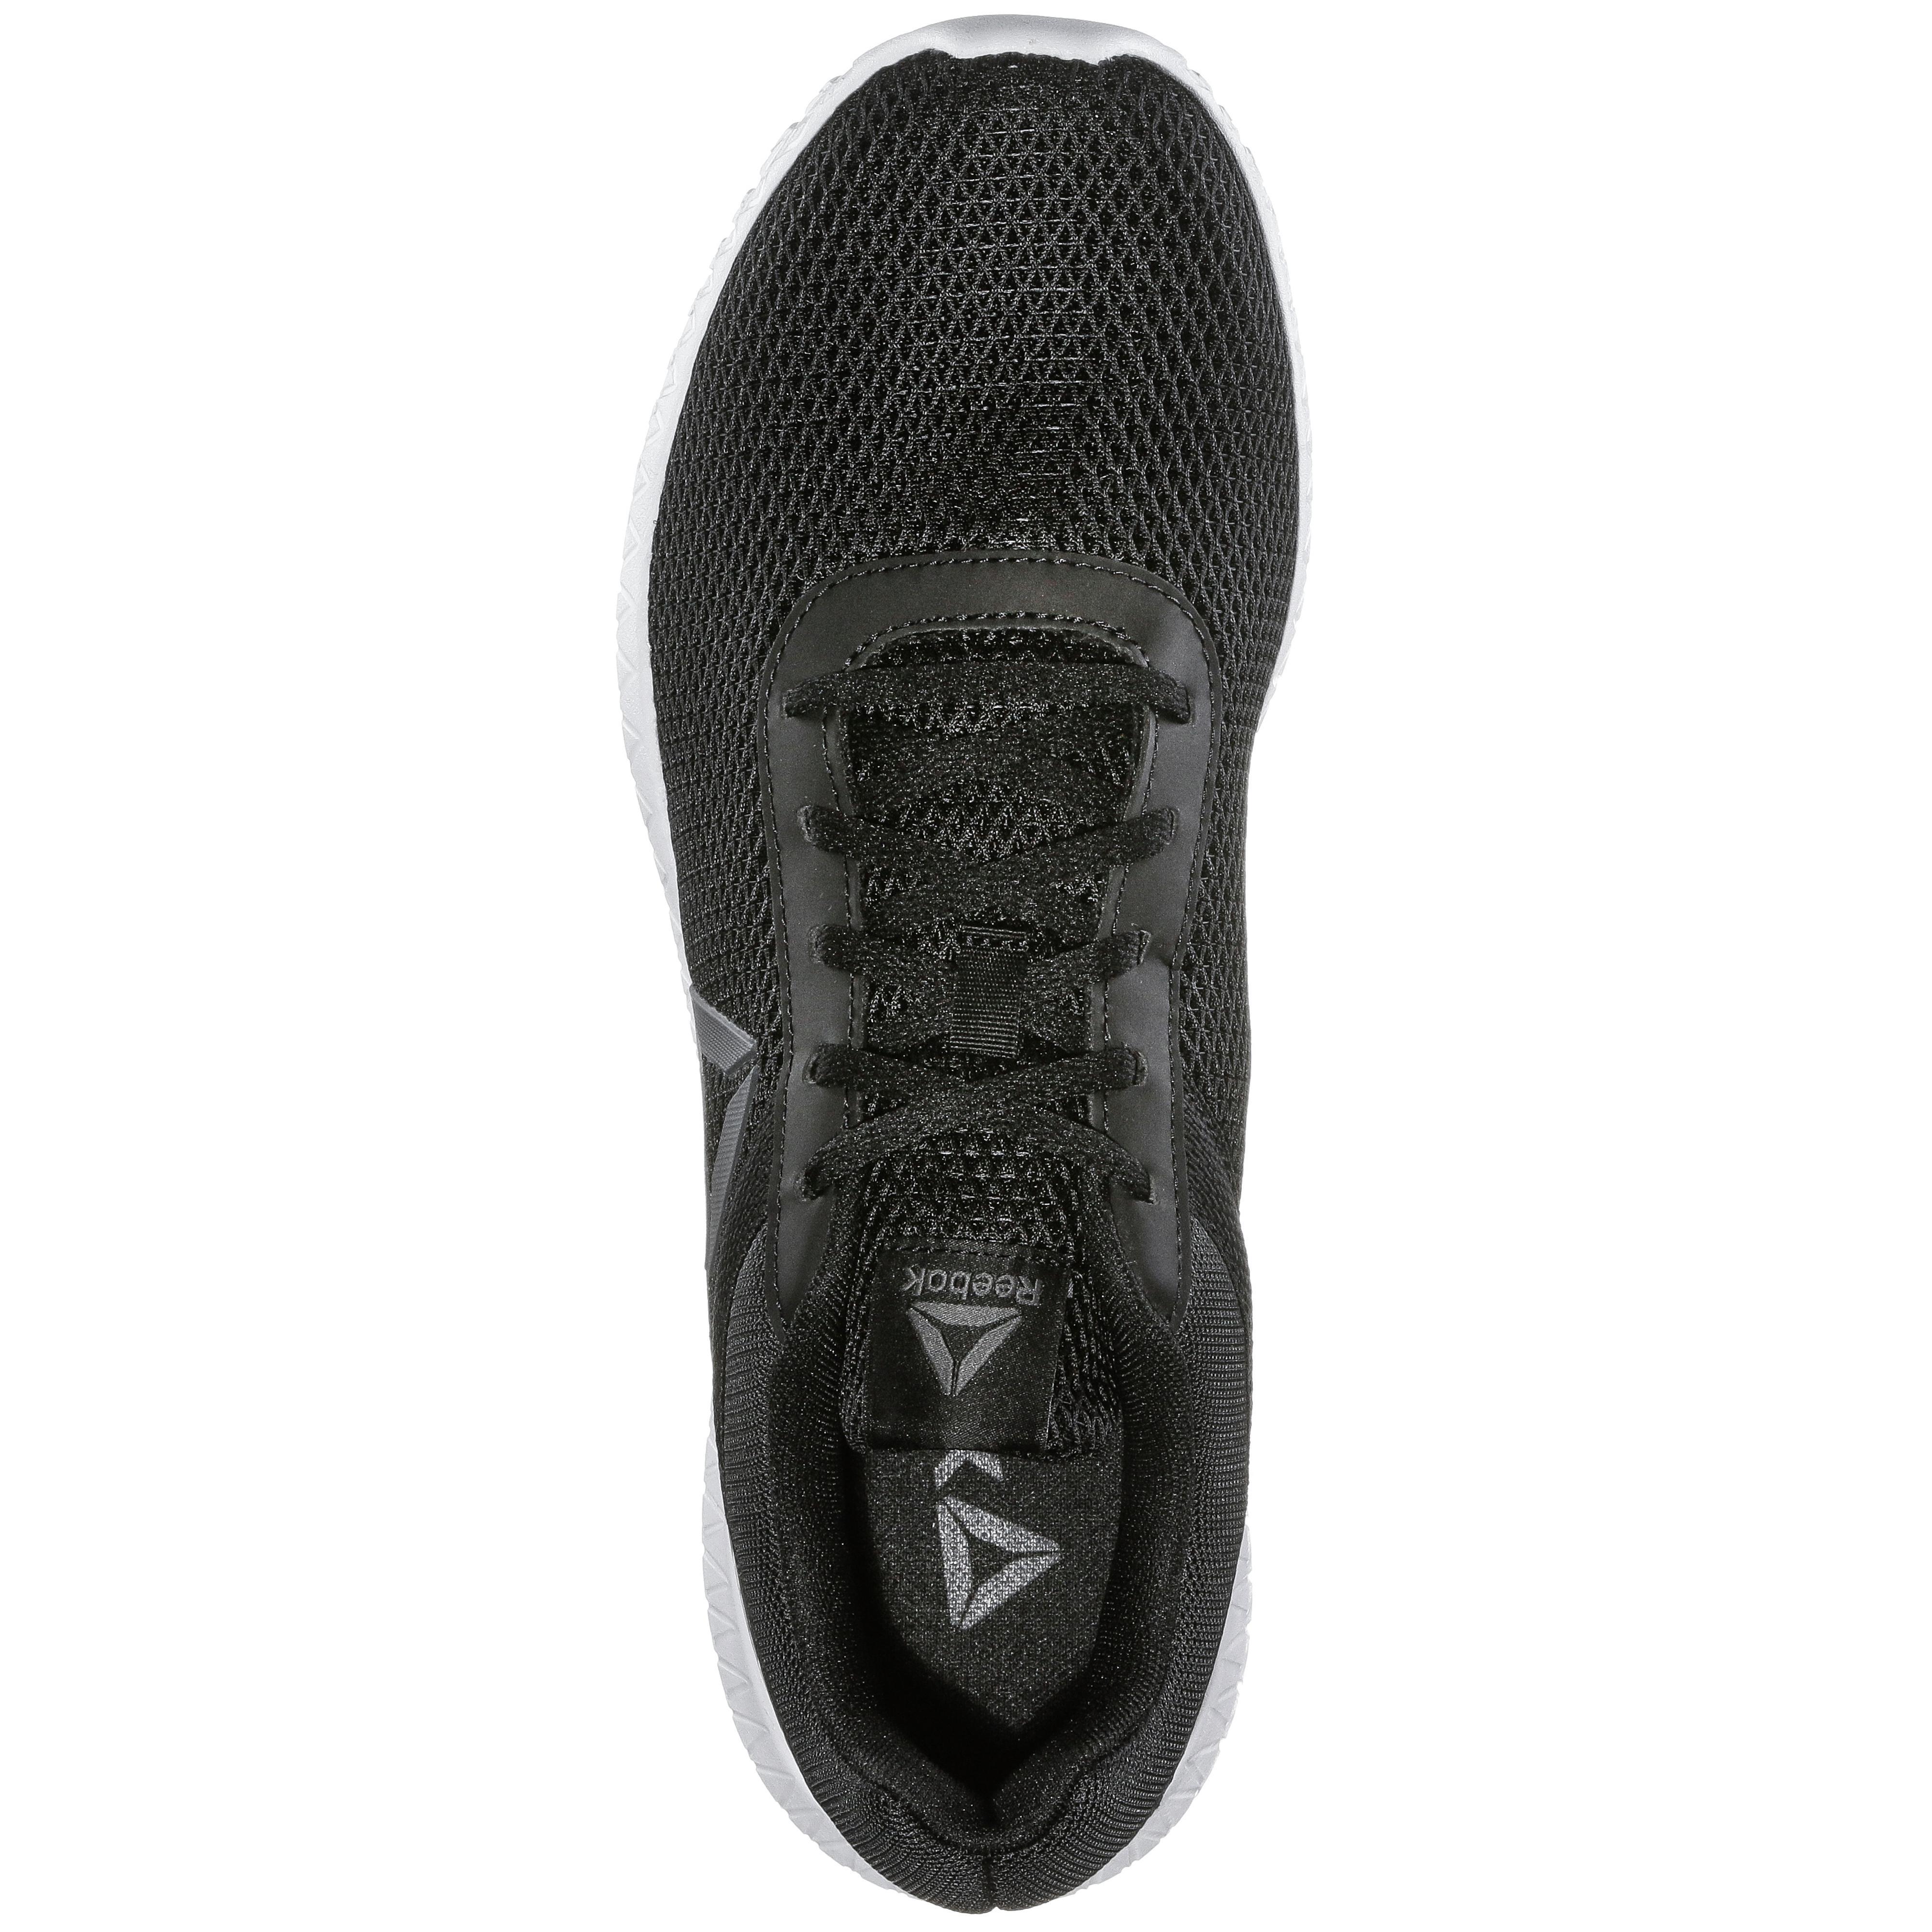 Reebok Flexagon energy TR Fitnessschuhe Herren Herren Herren schwarz-grau-Weiß im Online Shop von SportScheck kaufen Gute Qualität beliebte Schuhe 1ba4f9